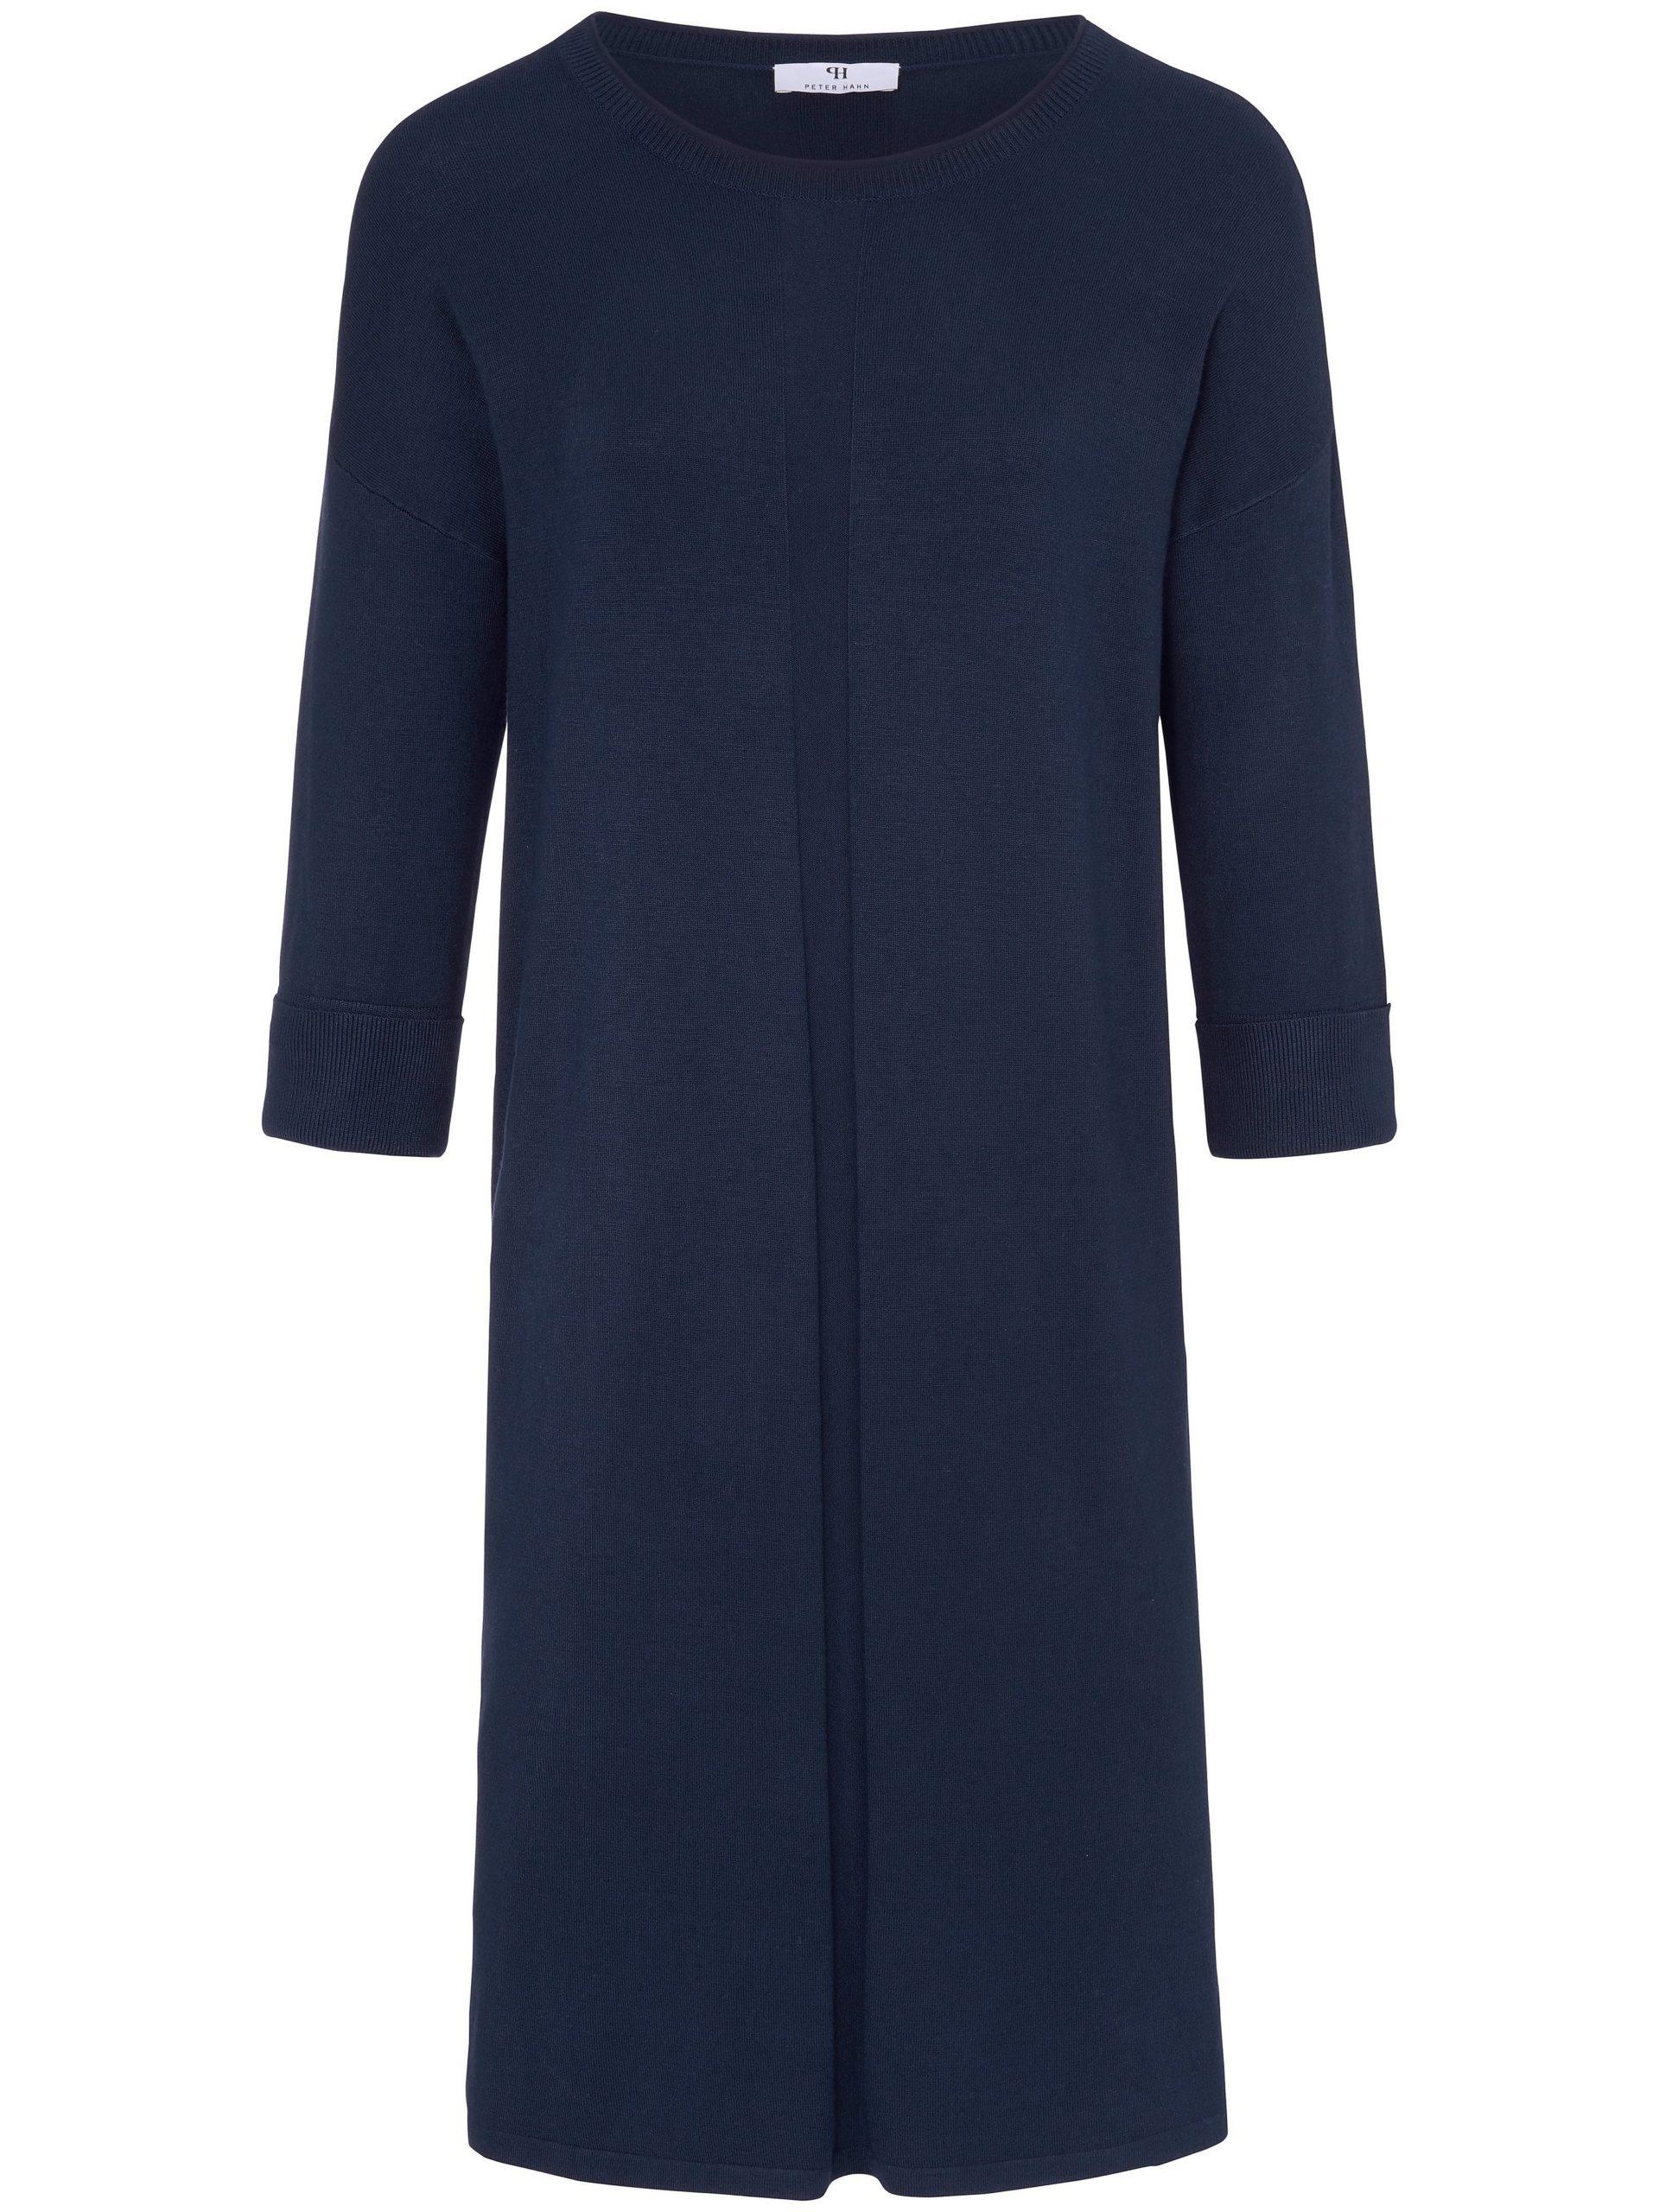 Gebreide jurk met 3/4-mouwen Van Peter Hahn blauw Kopen